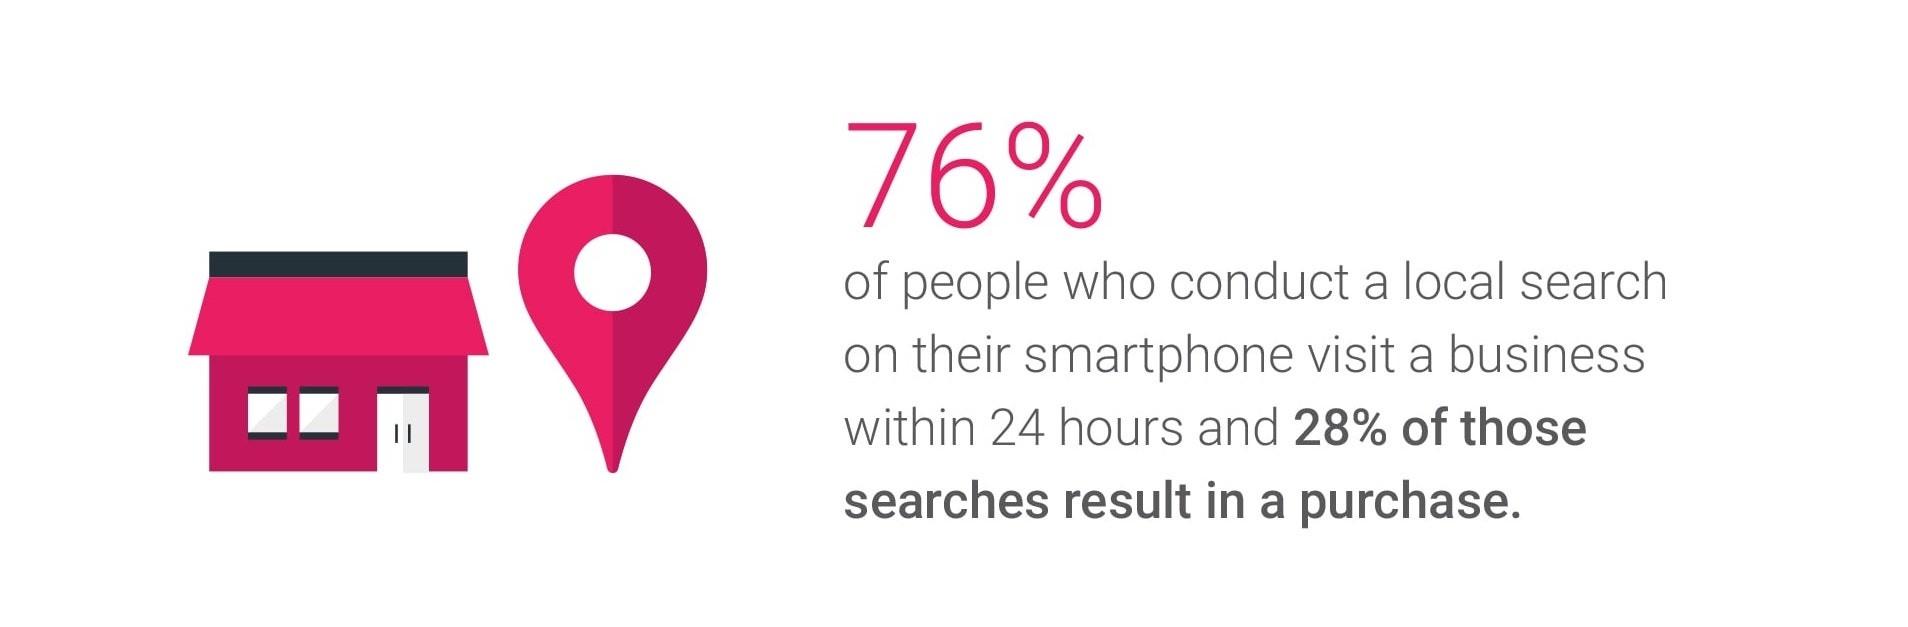 在地化搜尋實際造訪店家及消費比例-鯊客科技SEO優化網站設計公司